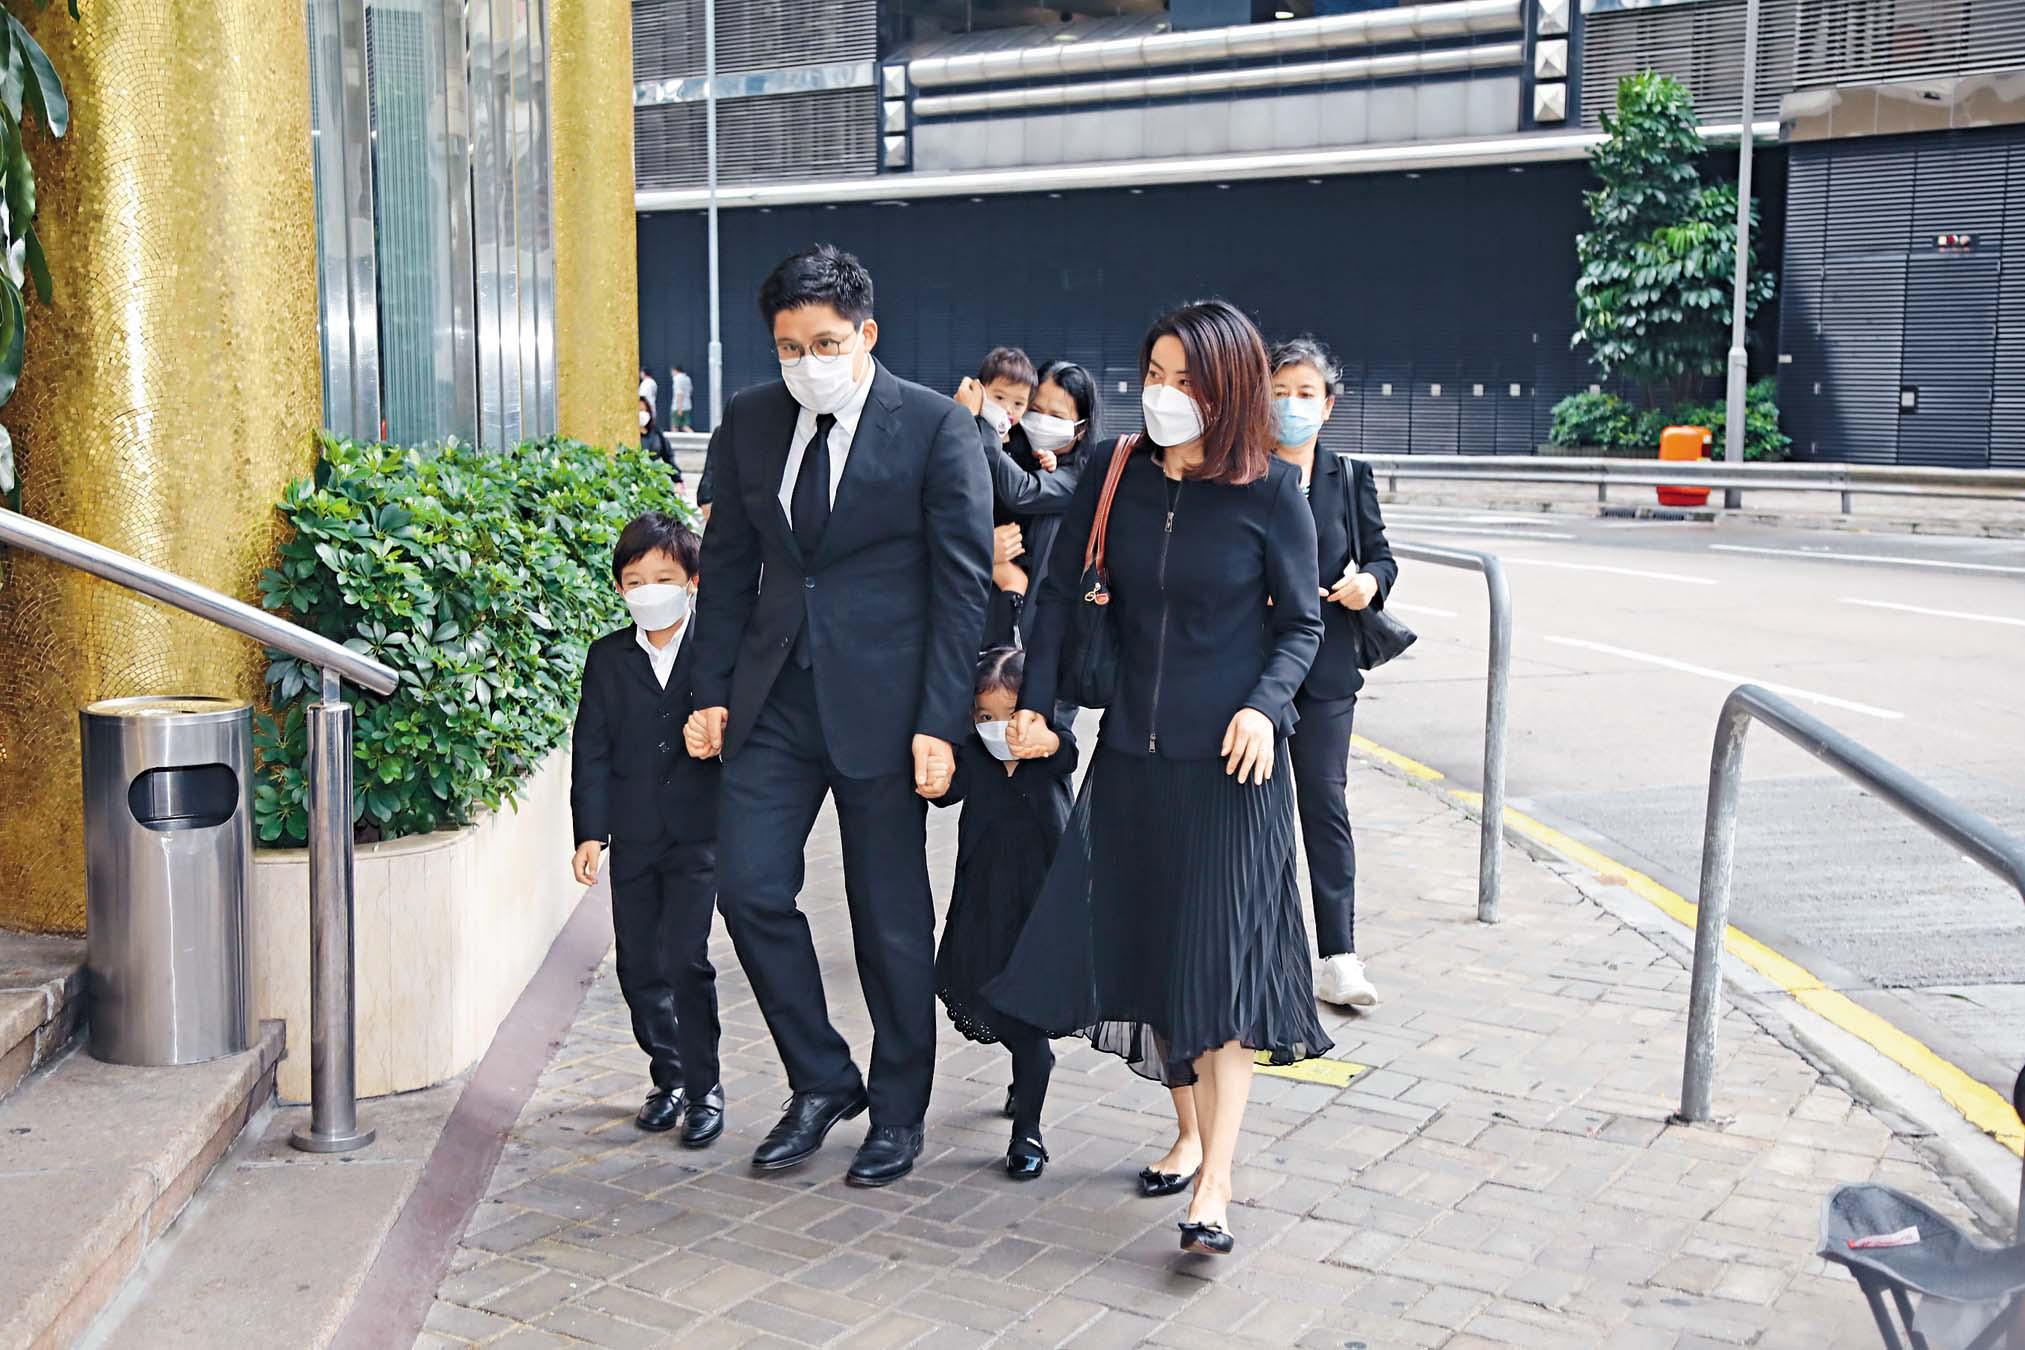 啟剛晶晶帶着三名子女到殯儀館。